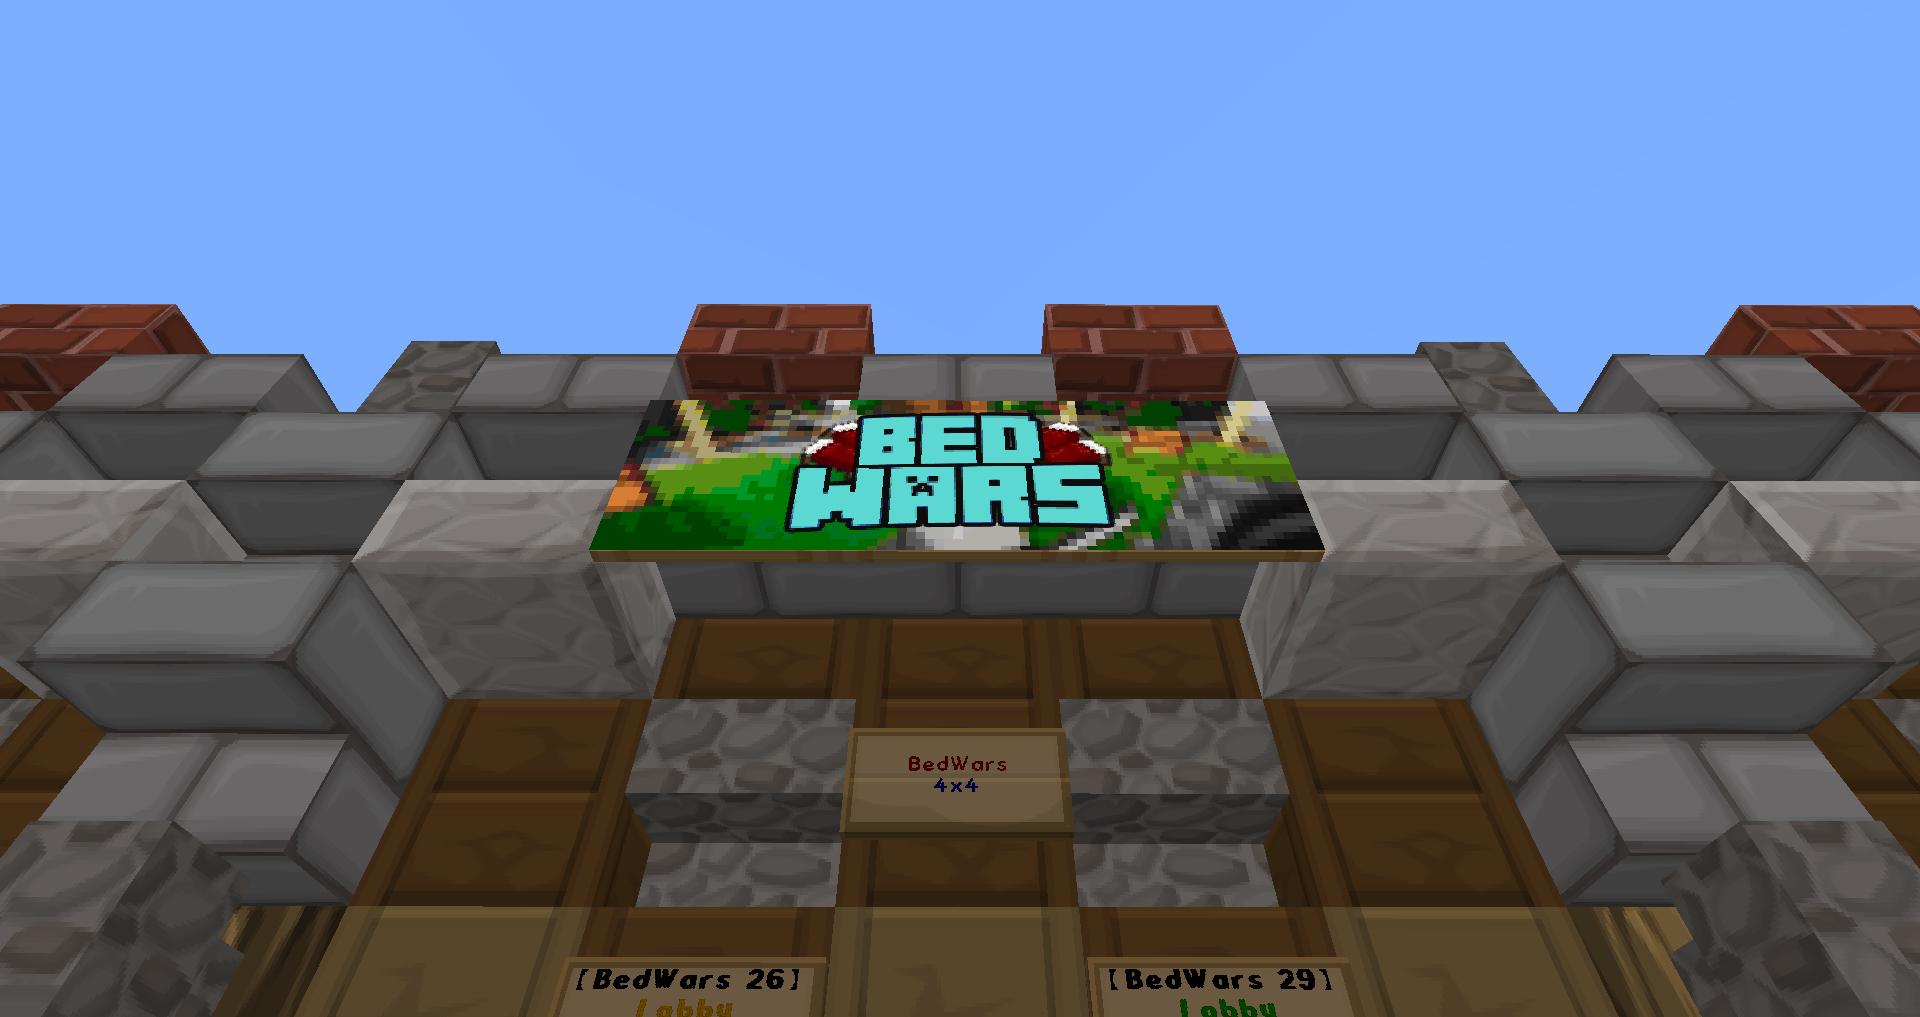 Hallo Zusammen Wie Kann Man Auf Minecraft Servern Eigene Gemälde - Hauser in minecraft einfugen